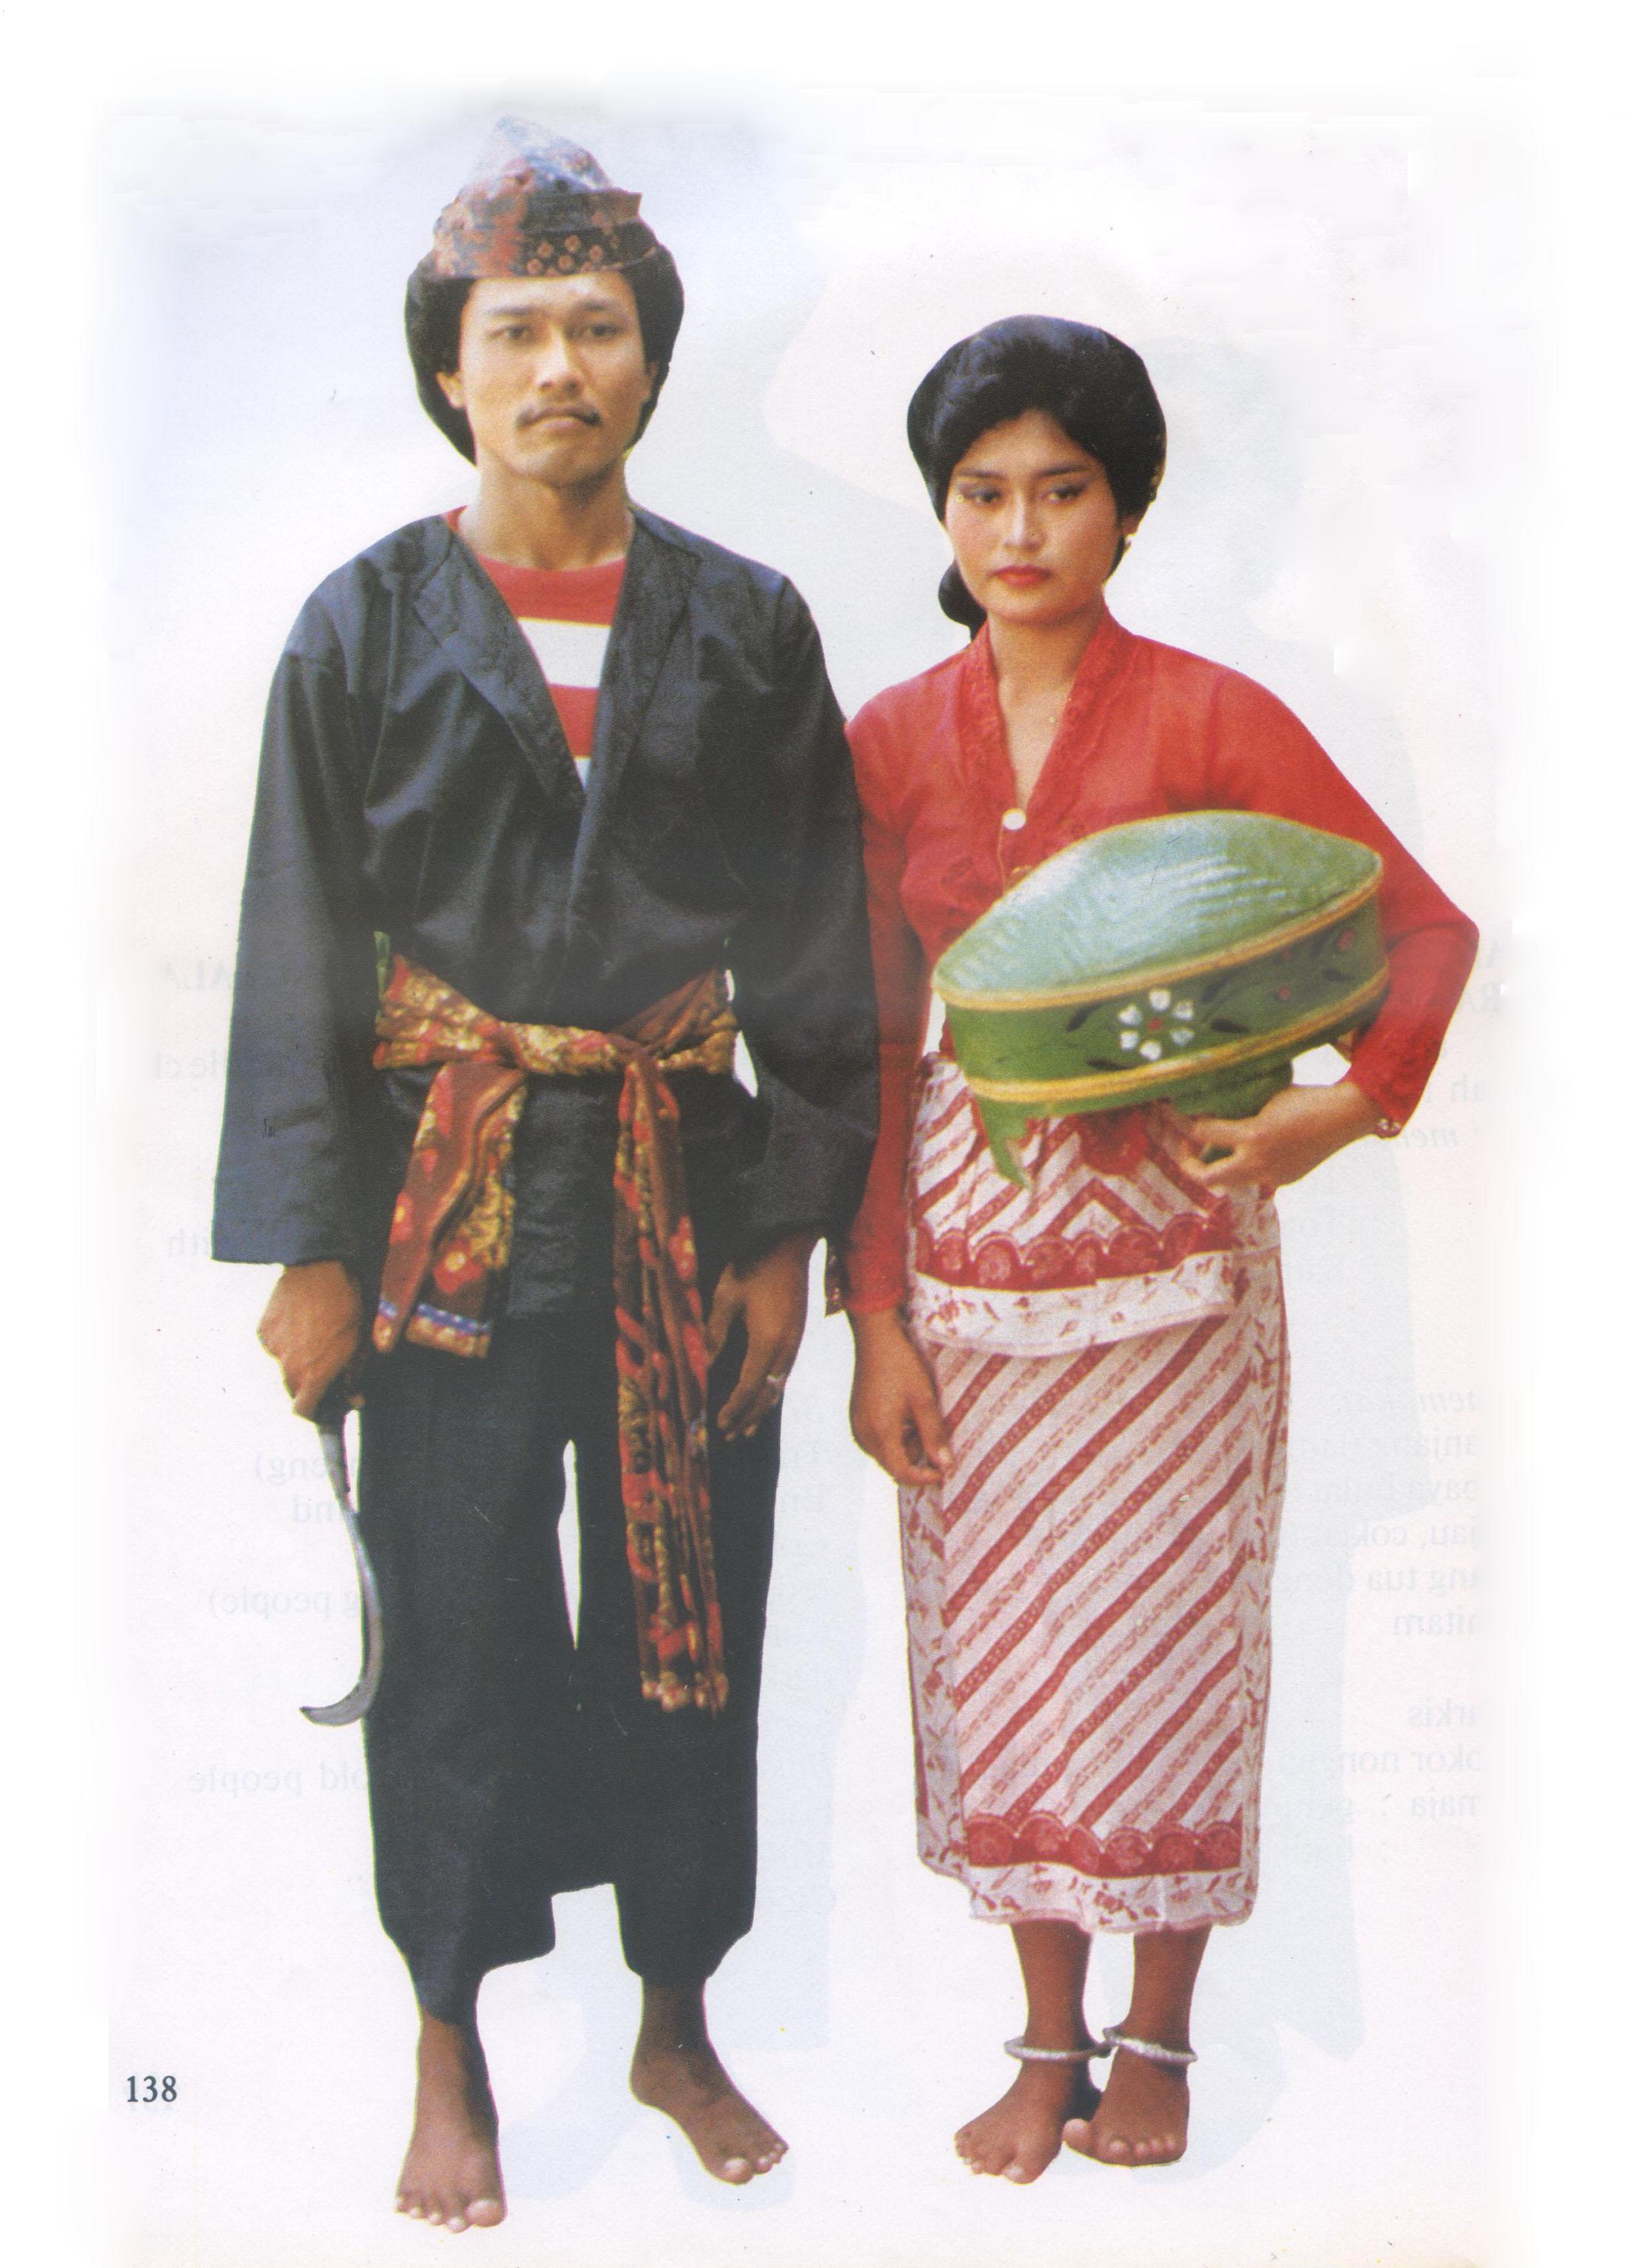 Mengenal Pakaian Adat Tradisional Madura   Ramuan Madura ...